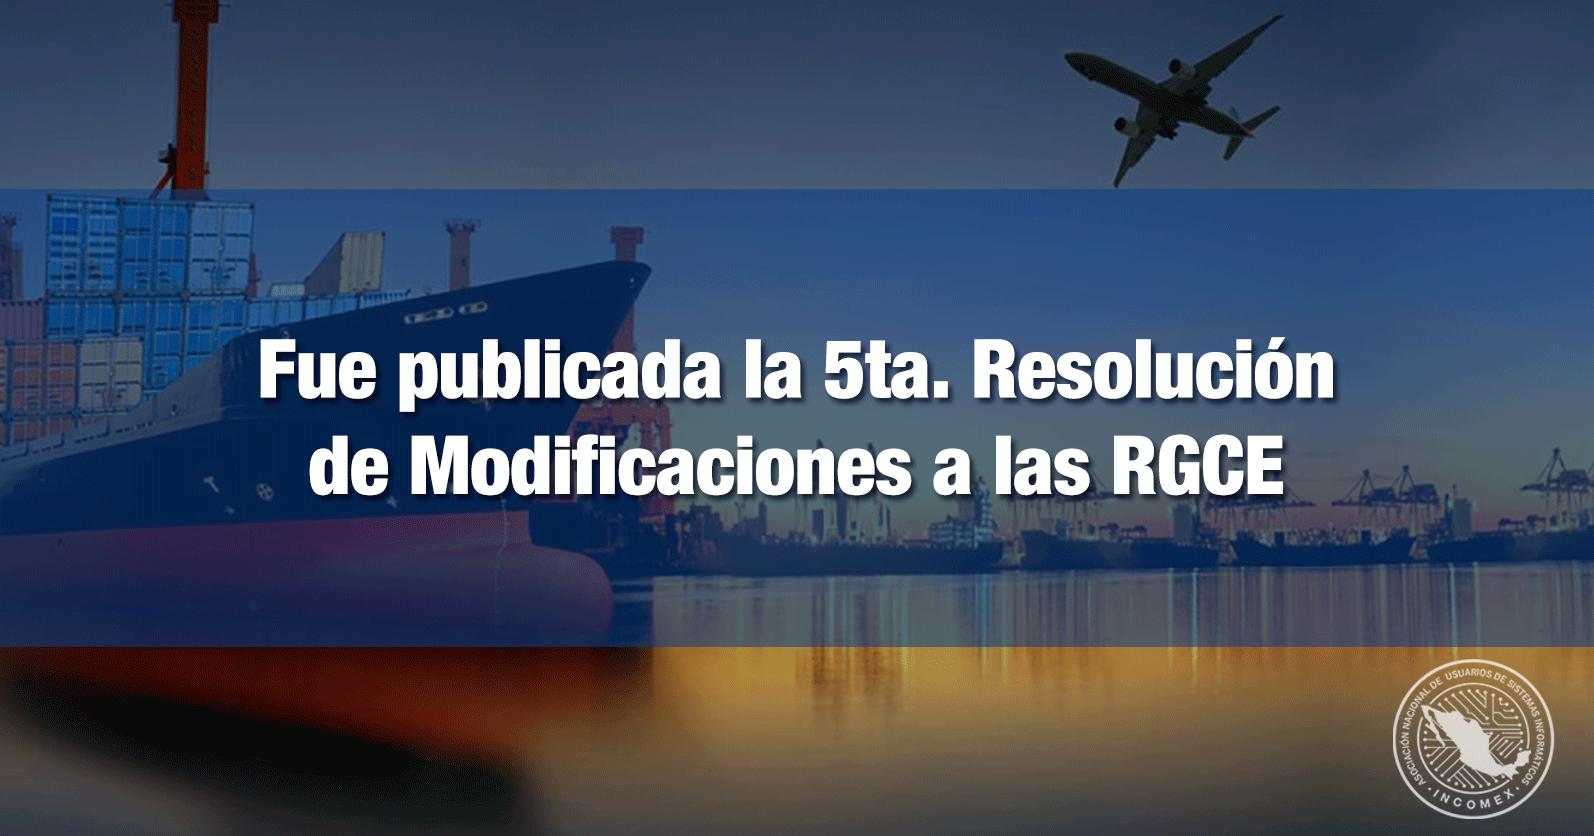 Fue publicada la 5ta. Resolución de Modificaciones a las RGCE